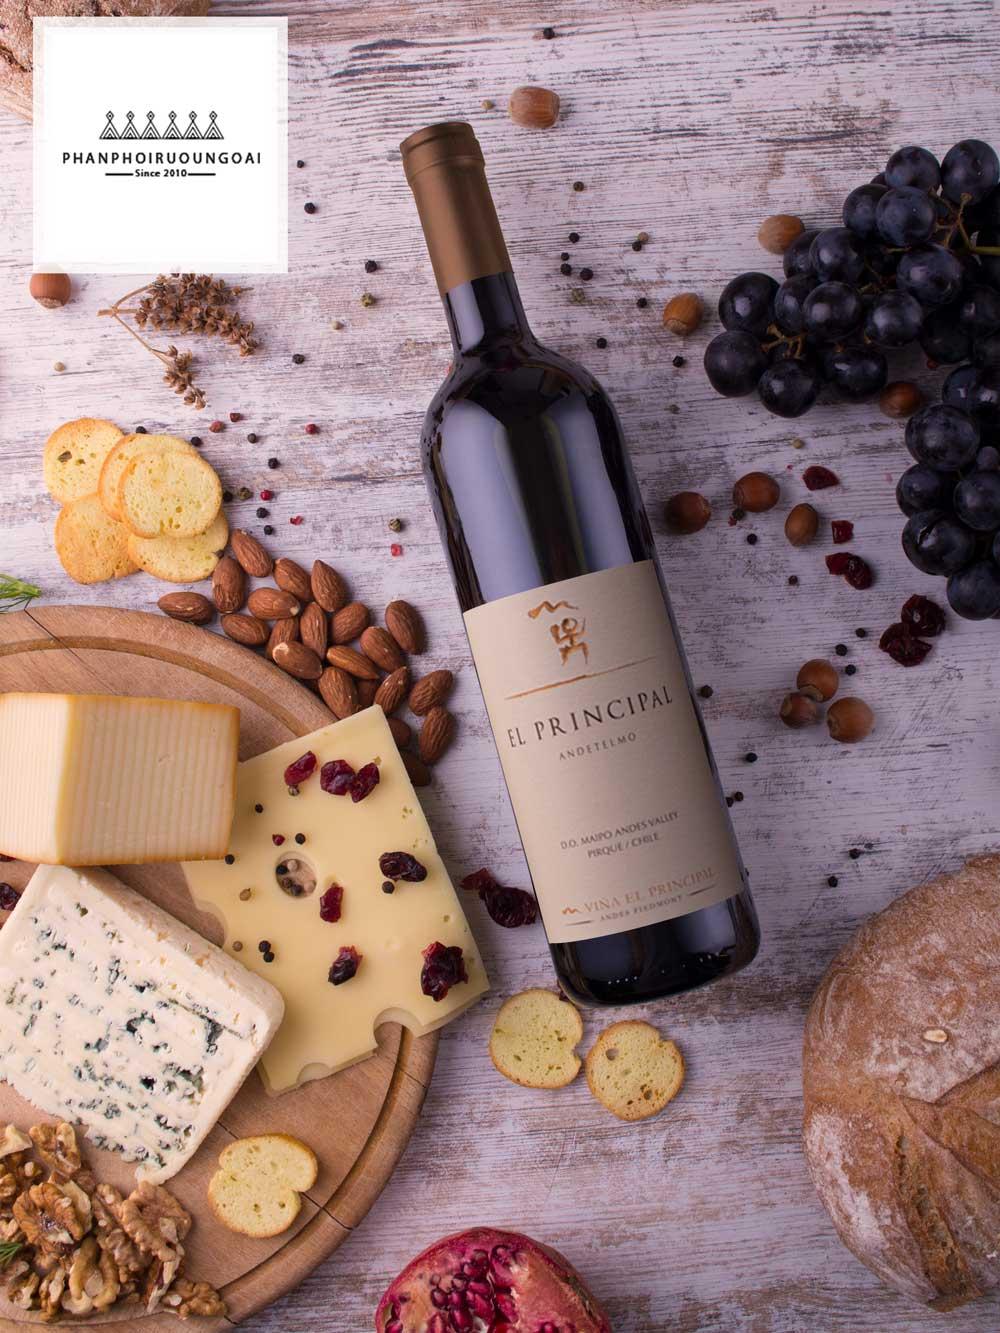 Rượu Vang EL Principal Red Wine đến từ Chile